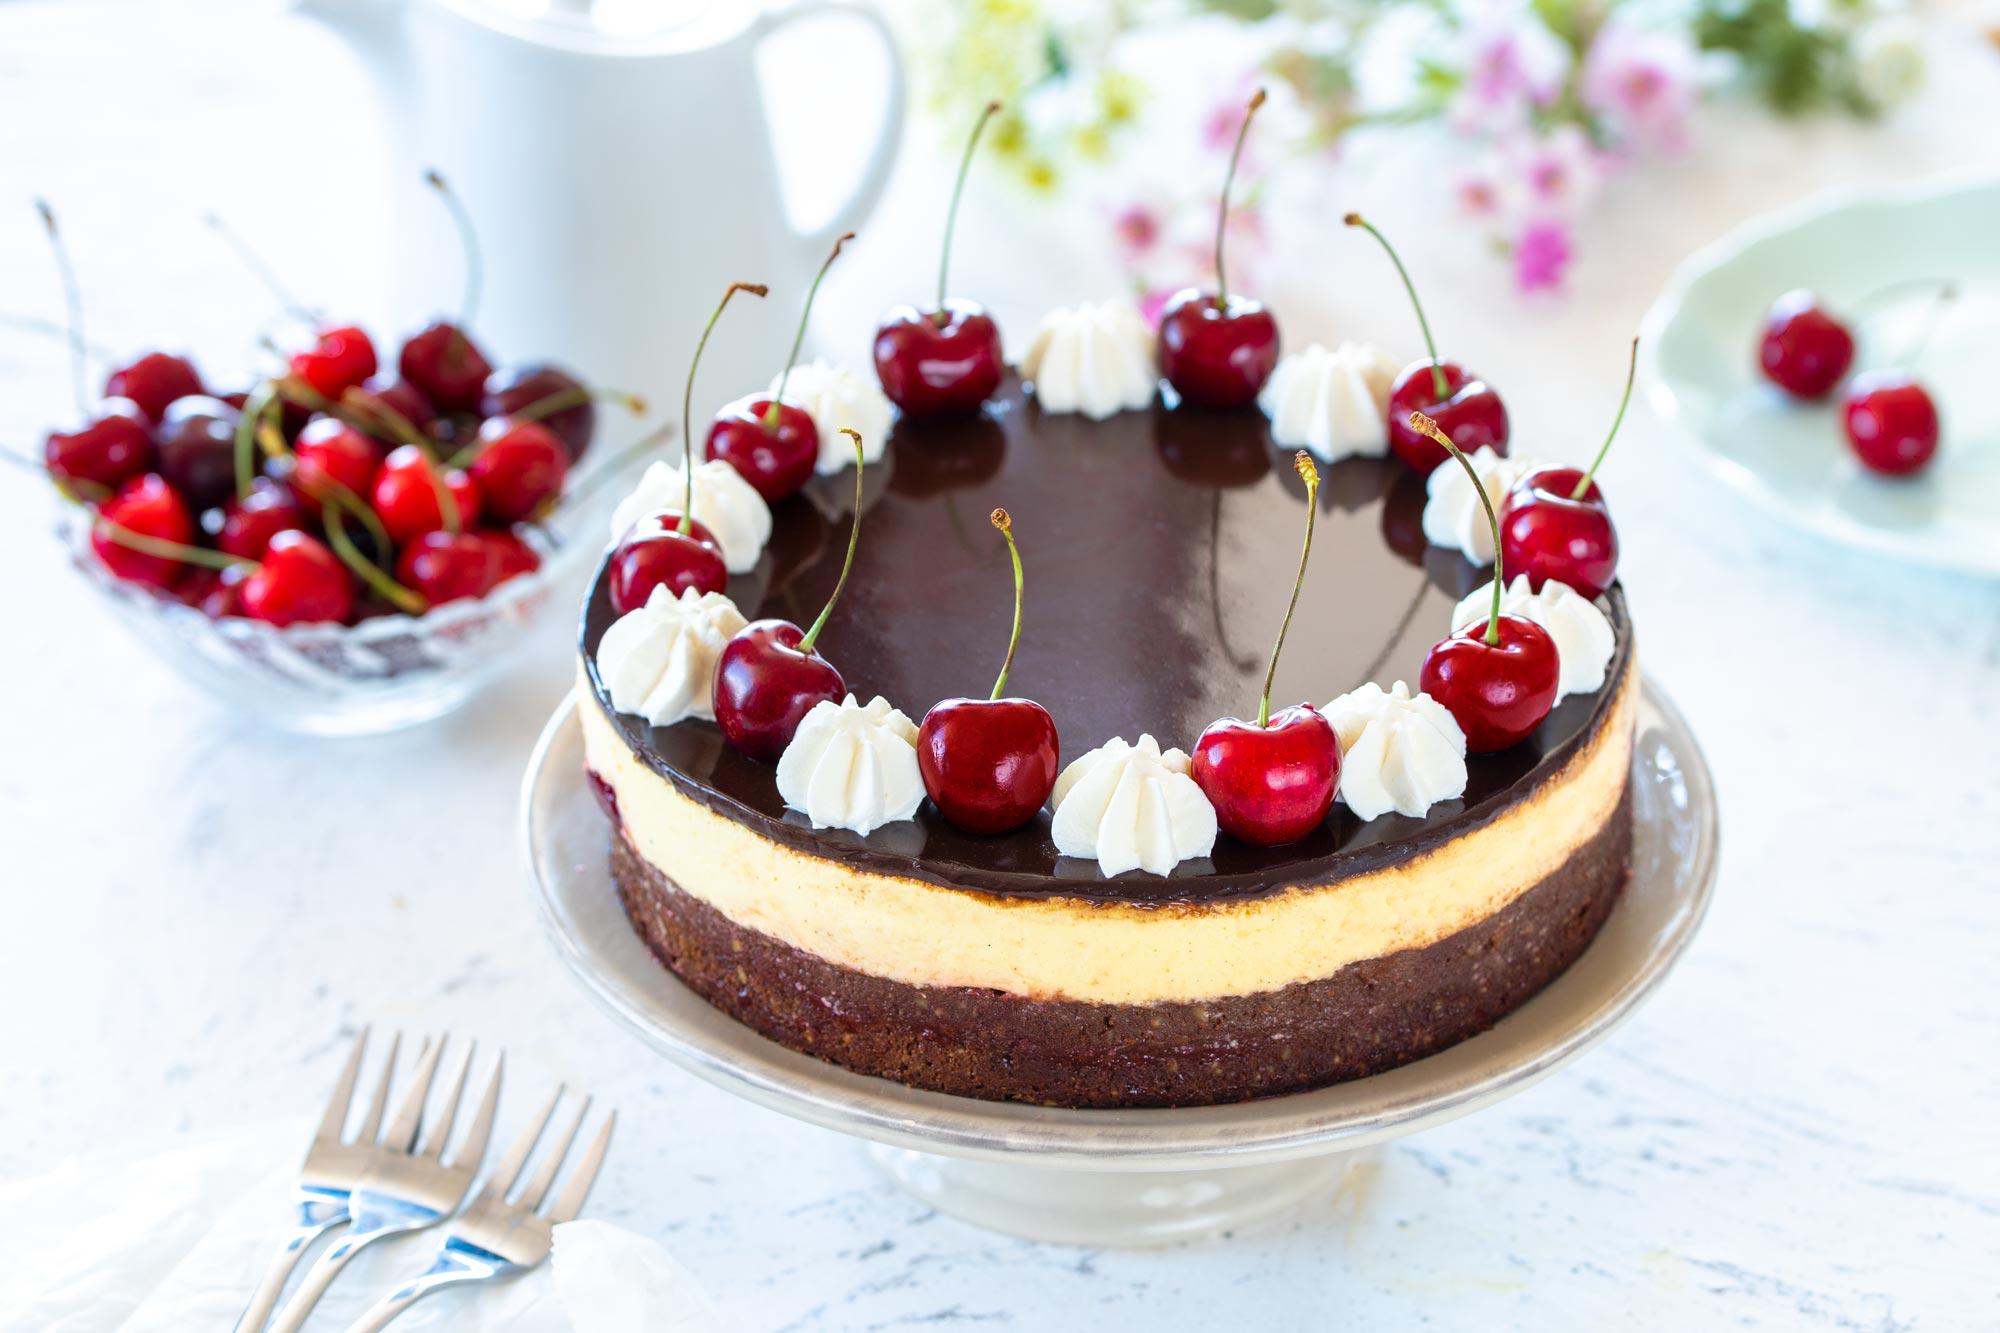 Čokoladna torta z vanilijo in češnjami